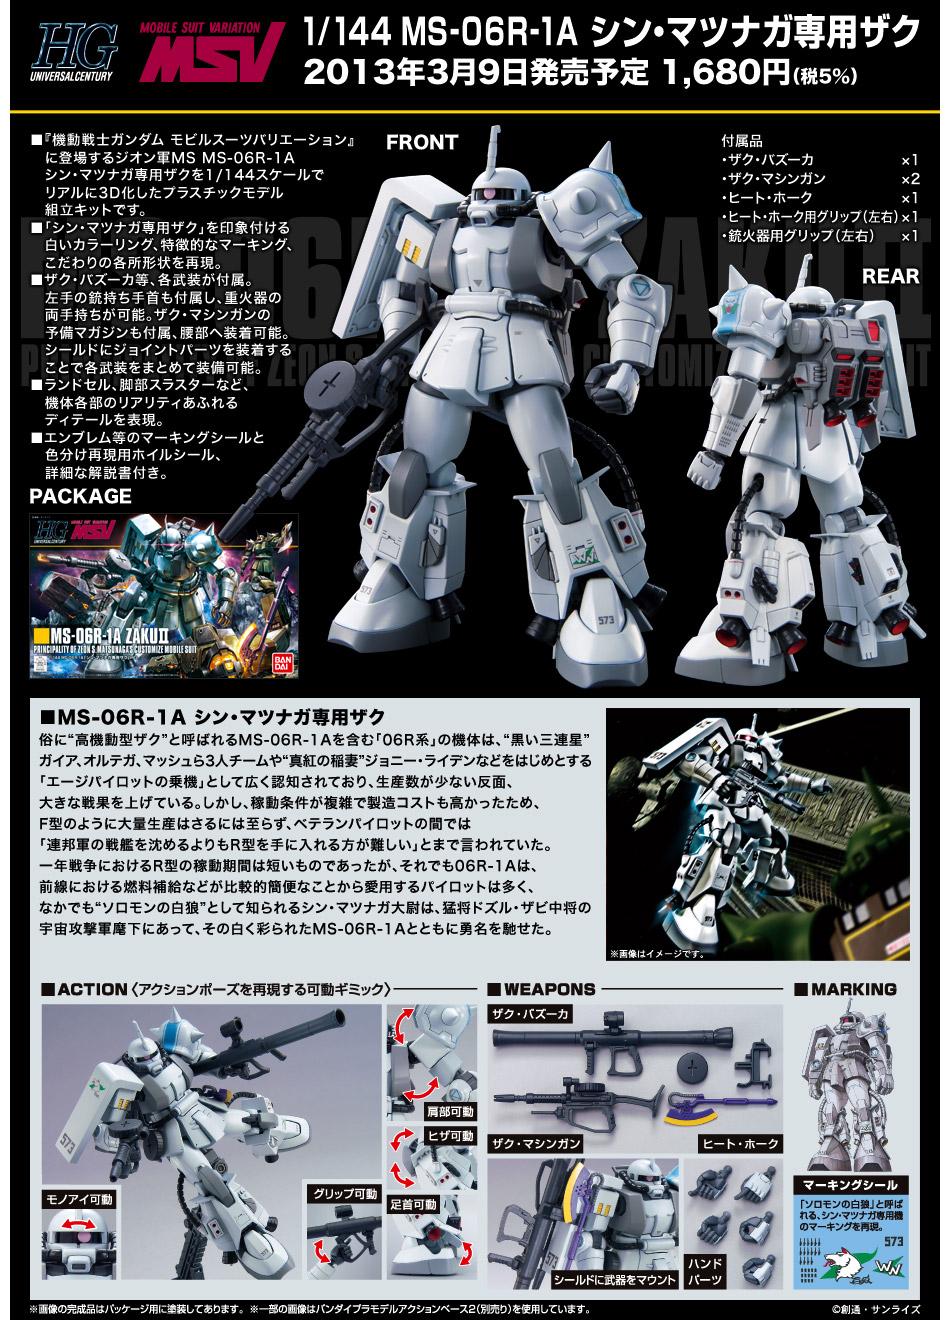 Image result for HGUC 1/144 MS-06R-1A Shin Matsunaga Zaku II